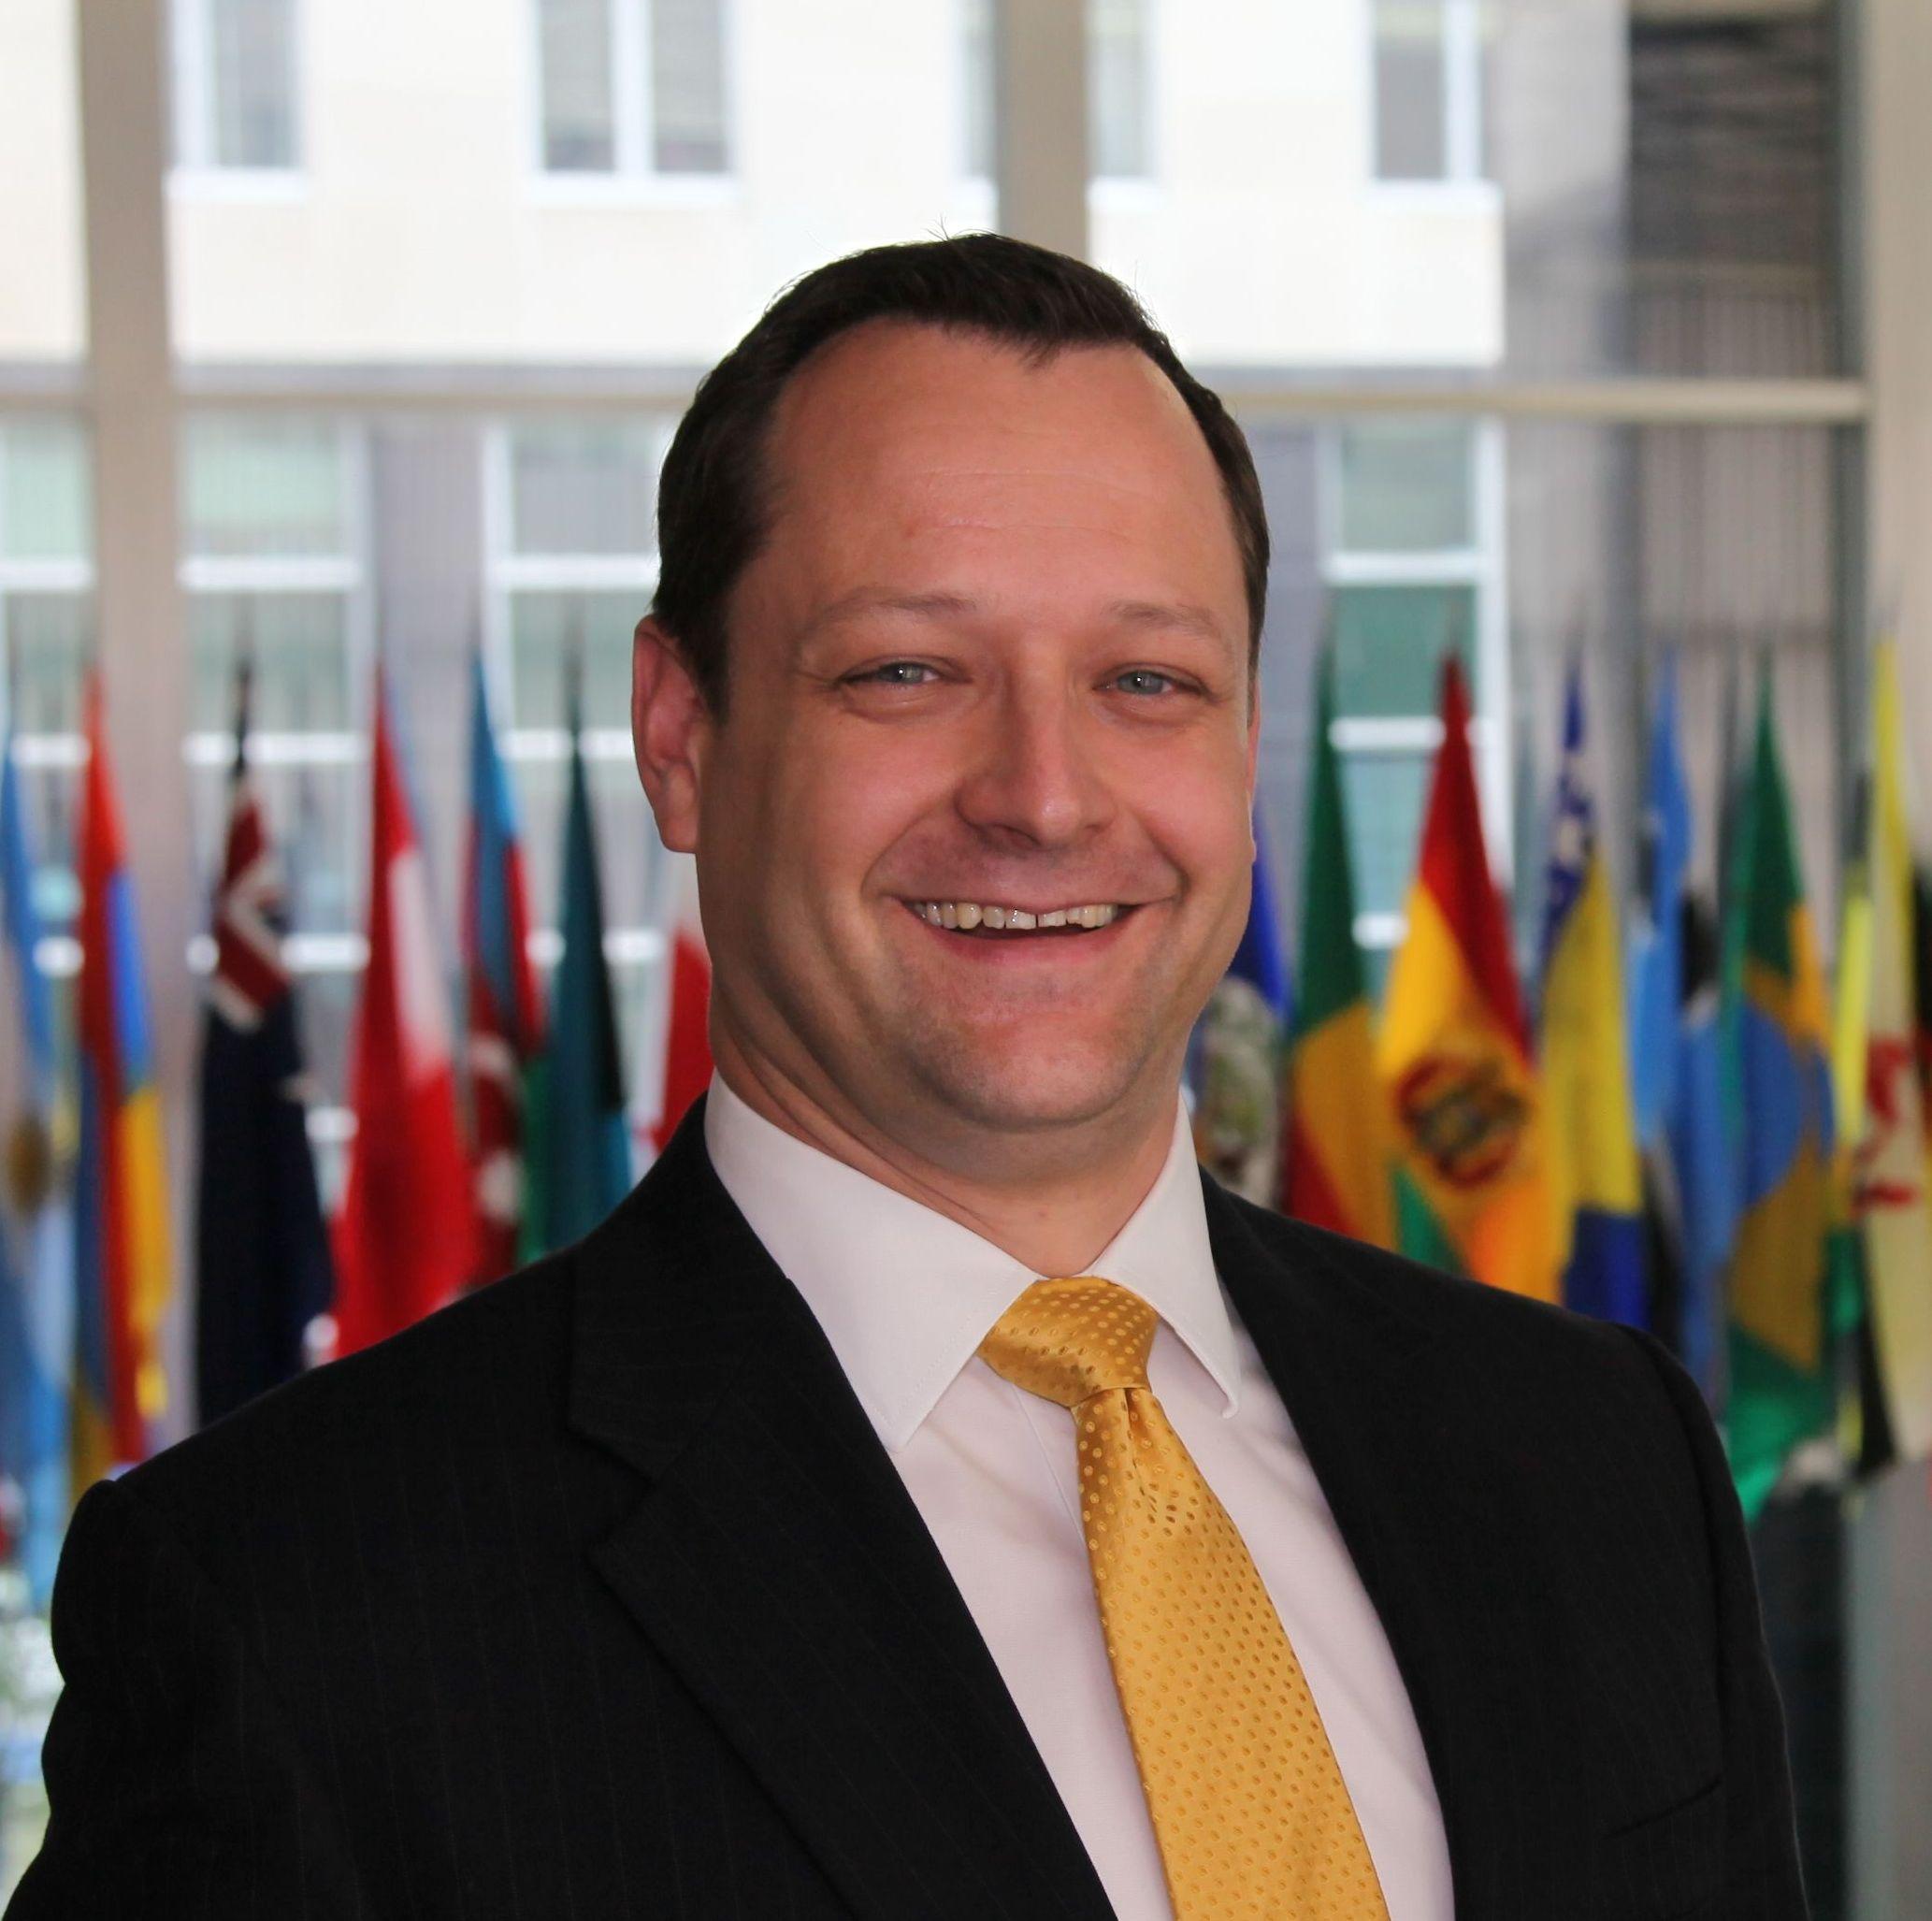 Joshua Campell